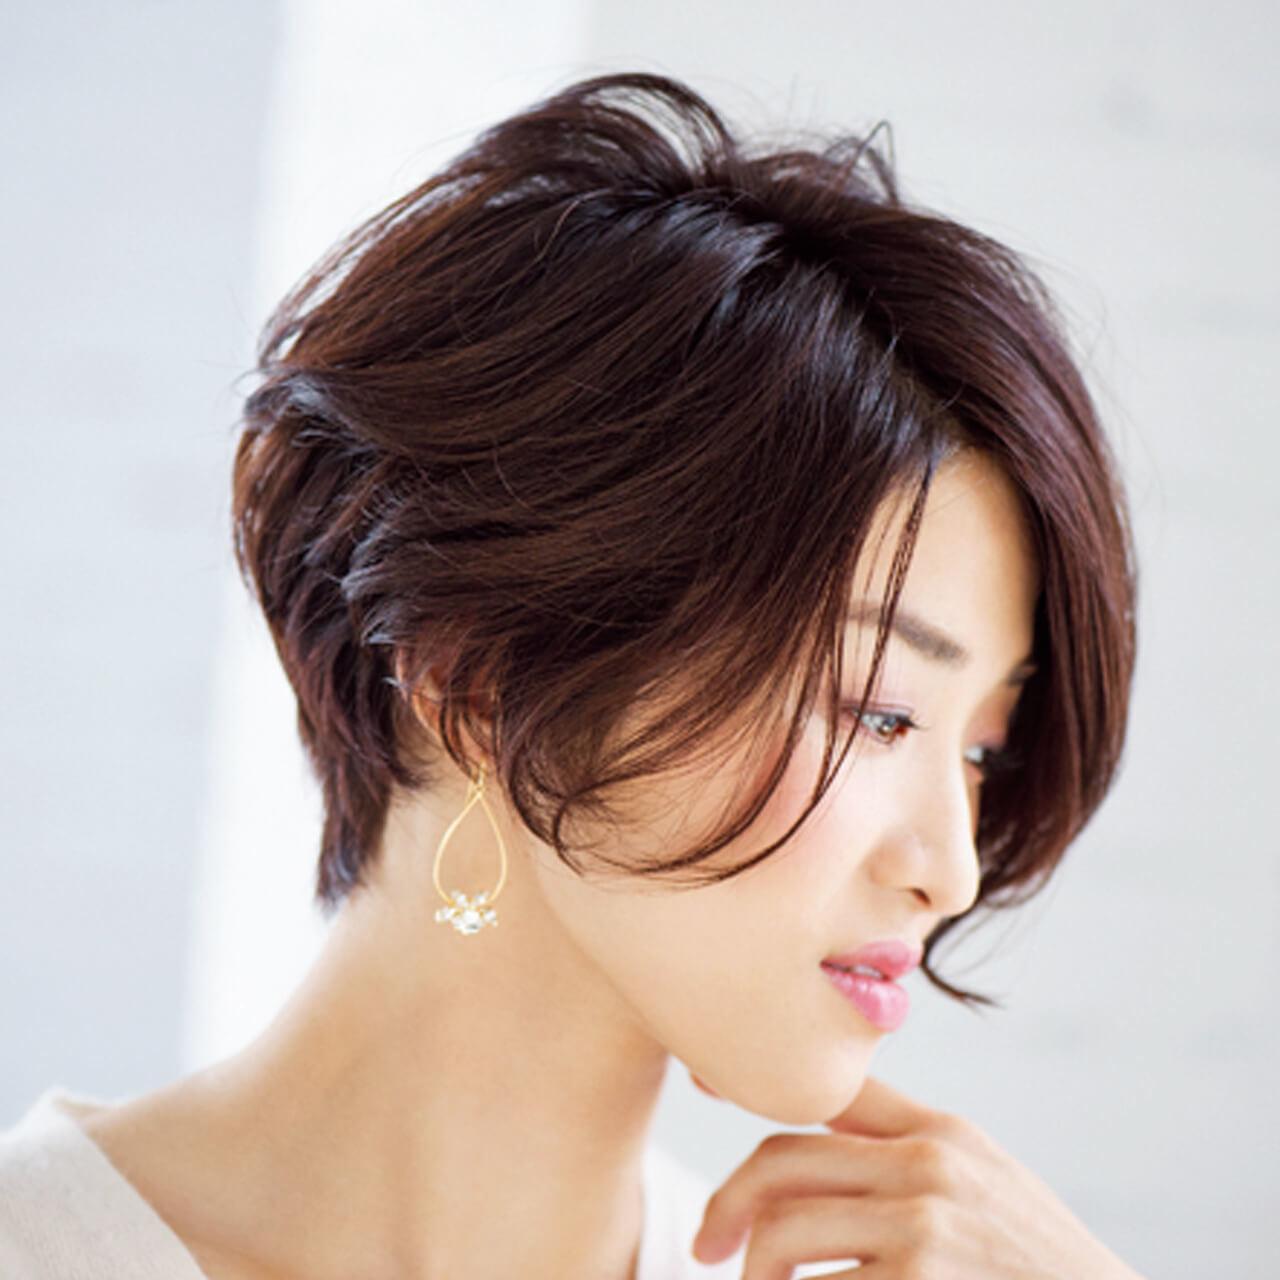 モードでありながら色っぽい!洗練されたひし形シルエットショート【40代のショートヘア】_1_4